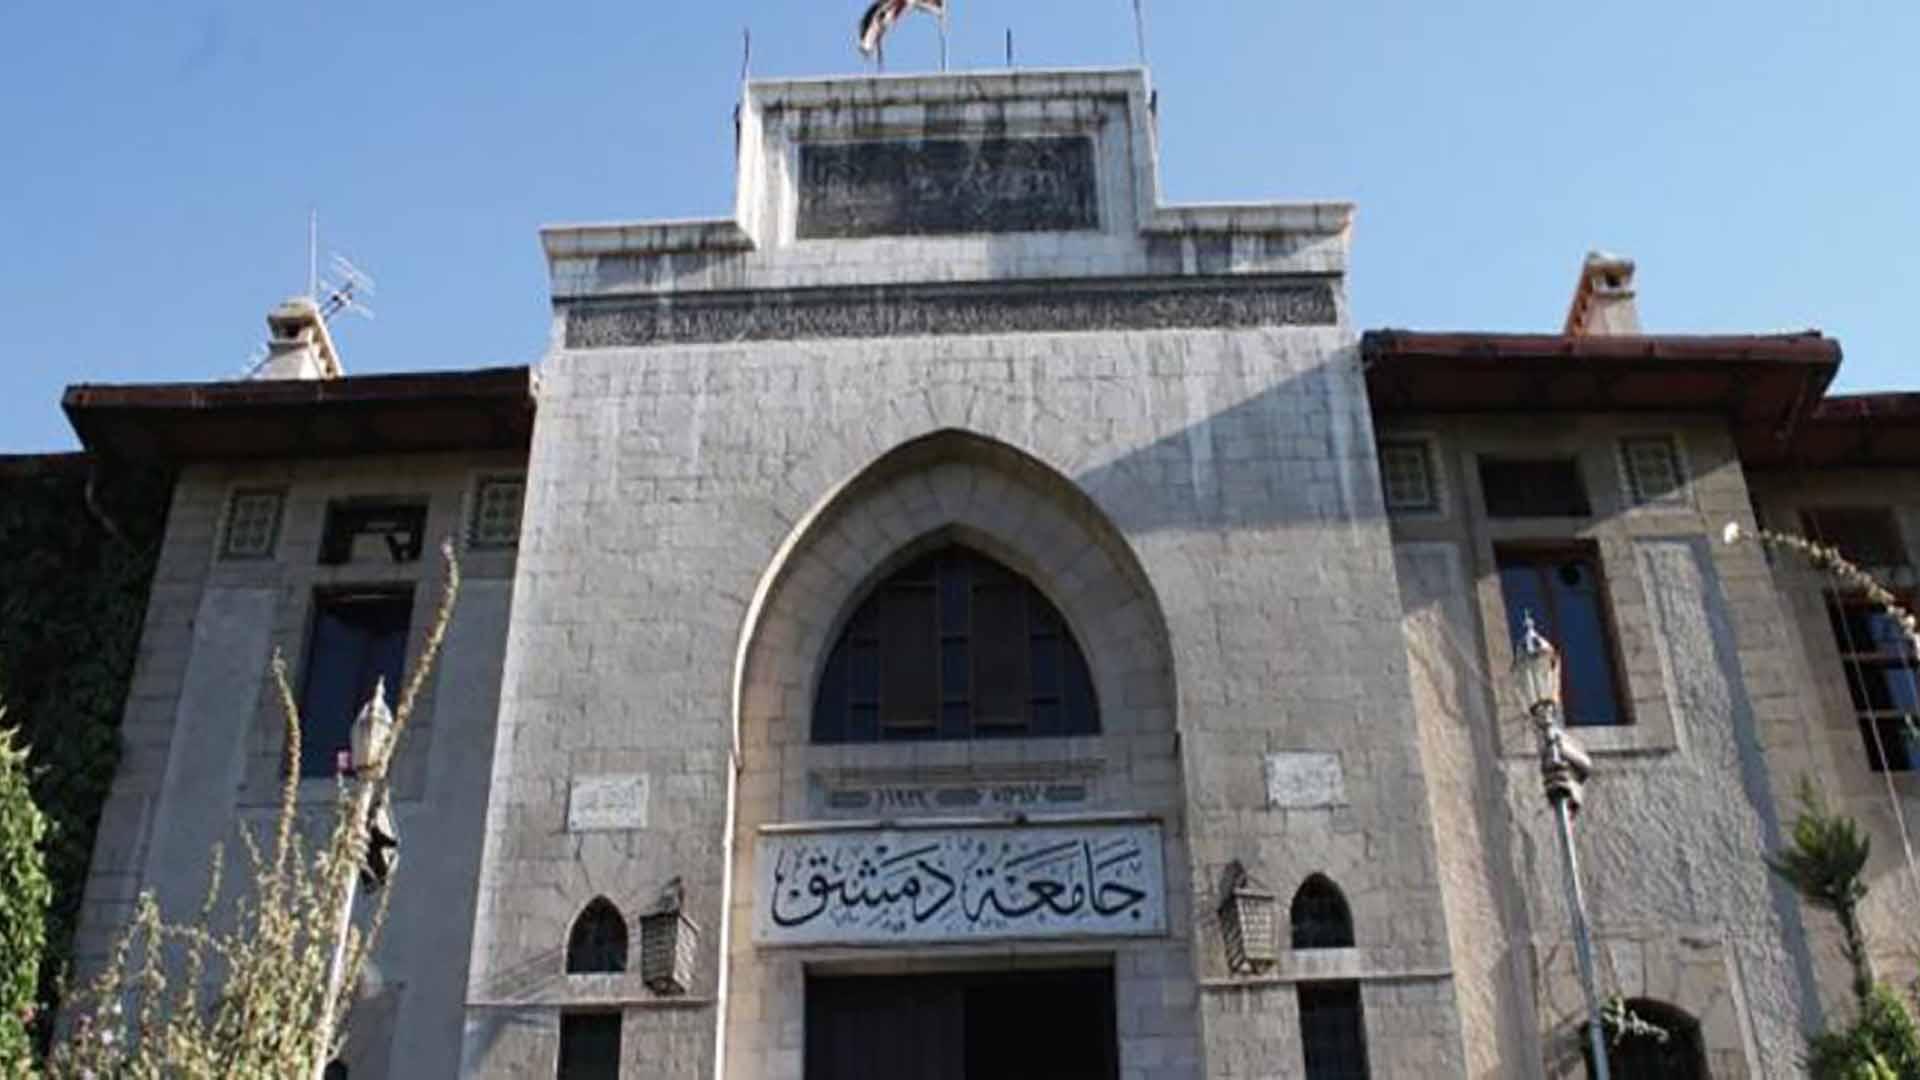 الانتقال الديمقراطي والمسألة التربوية: التعيين في هيئة تدريس جامعة دمشق